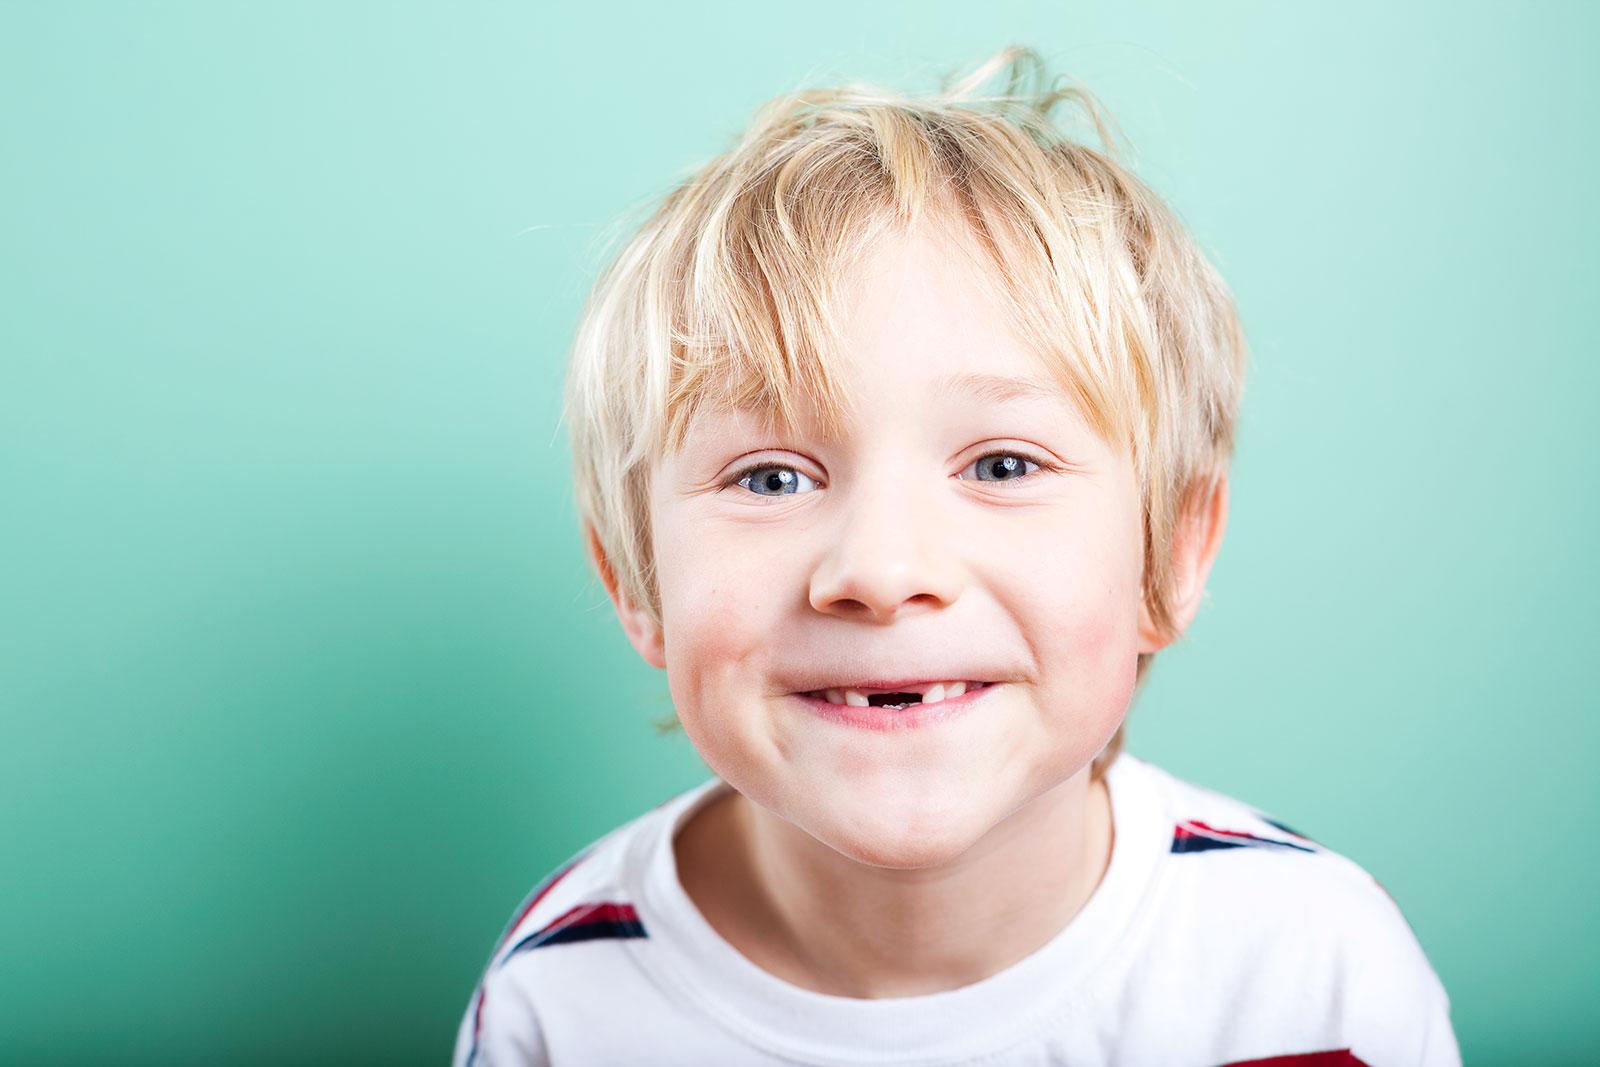 junge-mit-zahnluecke